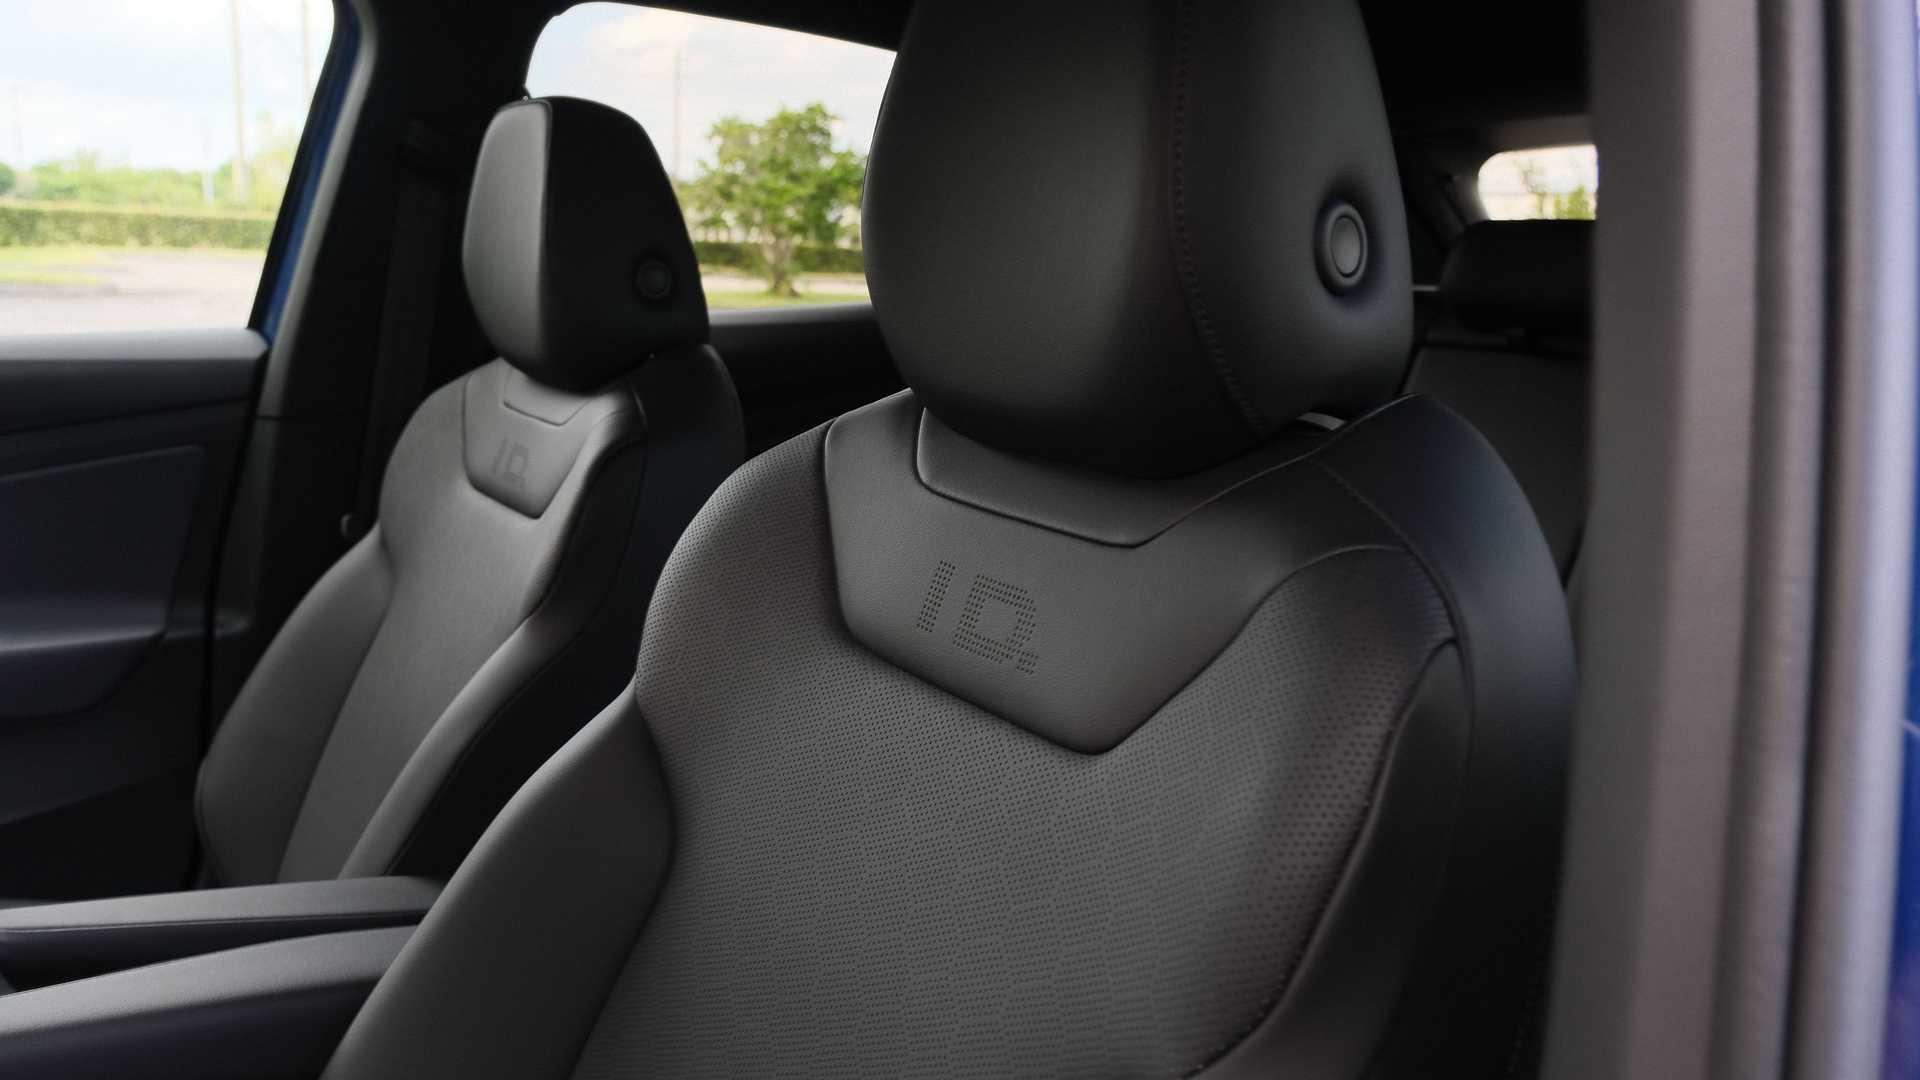 فولكس واجن آي دي. 4 الإصدارة الأول 2021 - تصمم لمقاعد الأمامية